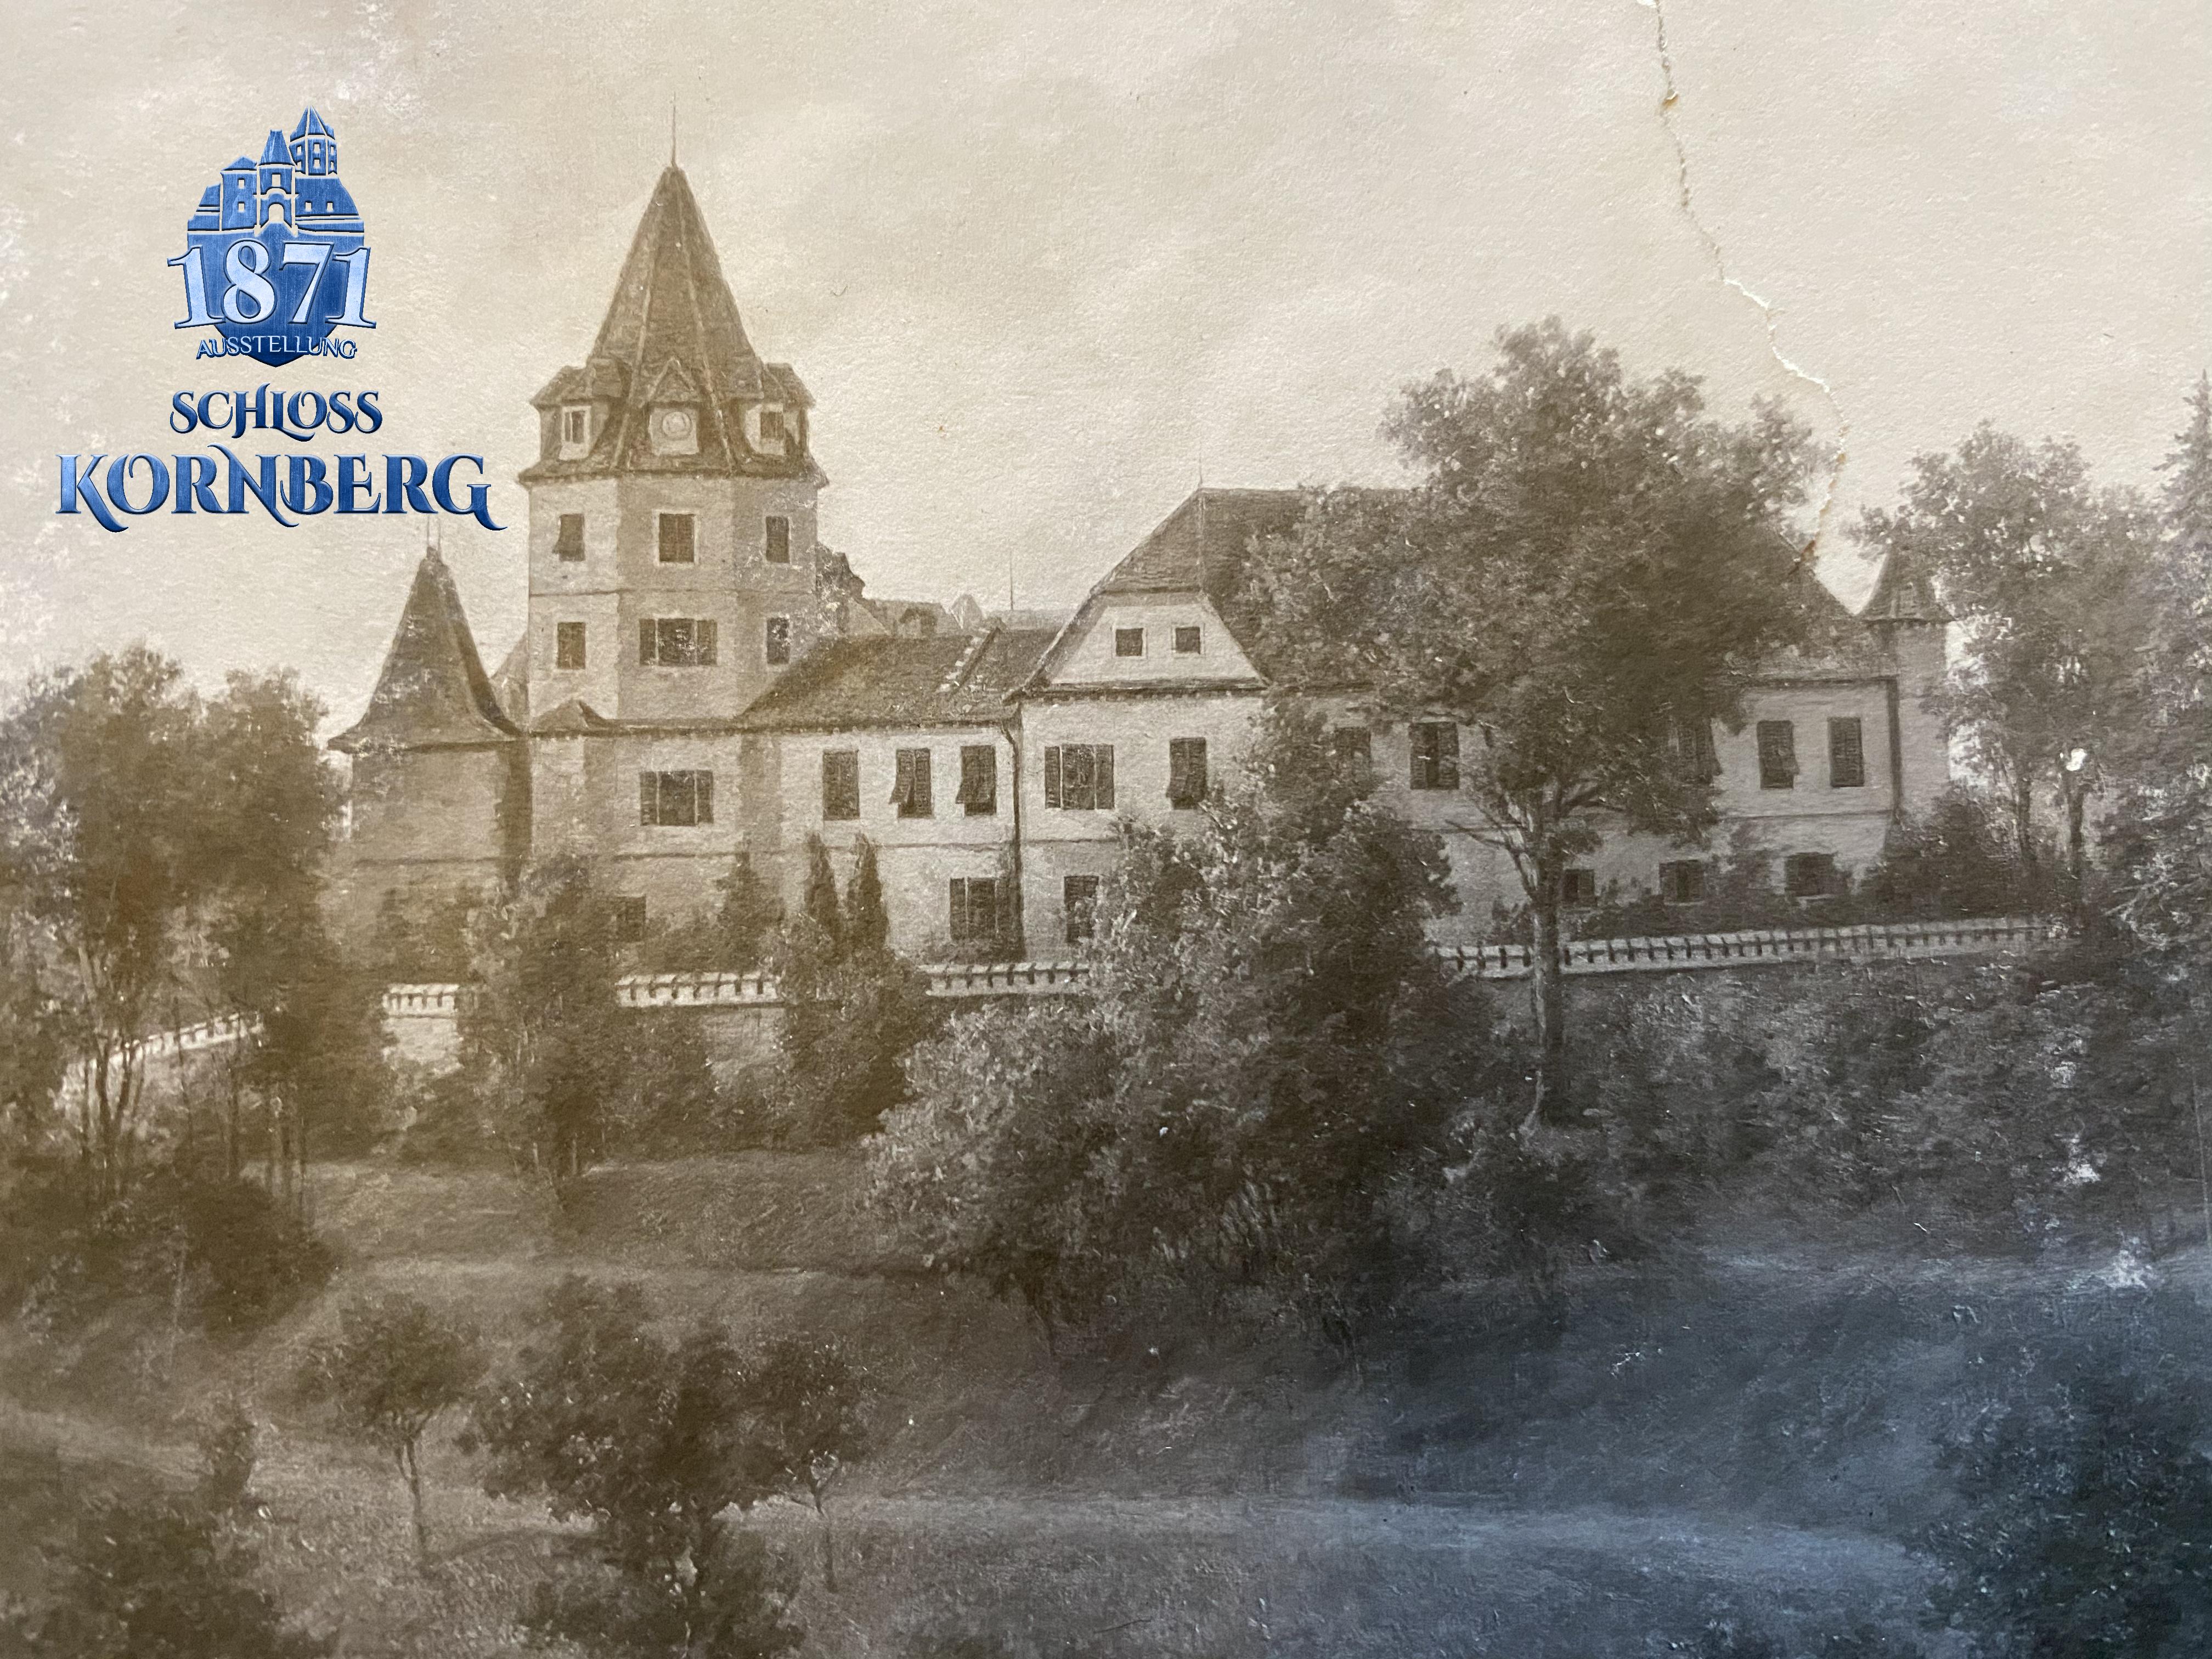 1871 Schloss Kornberg